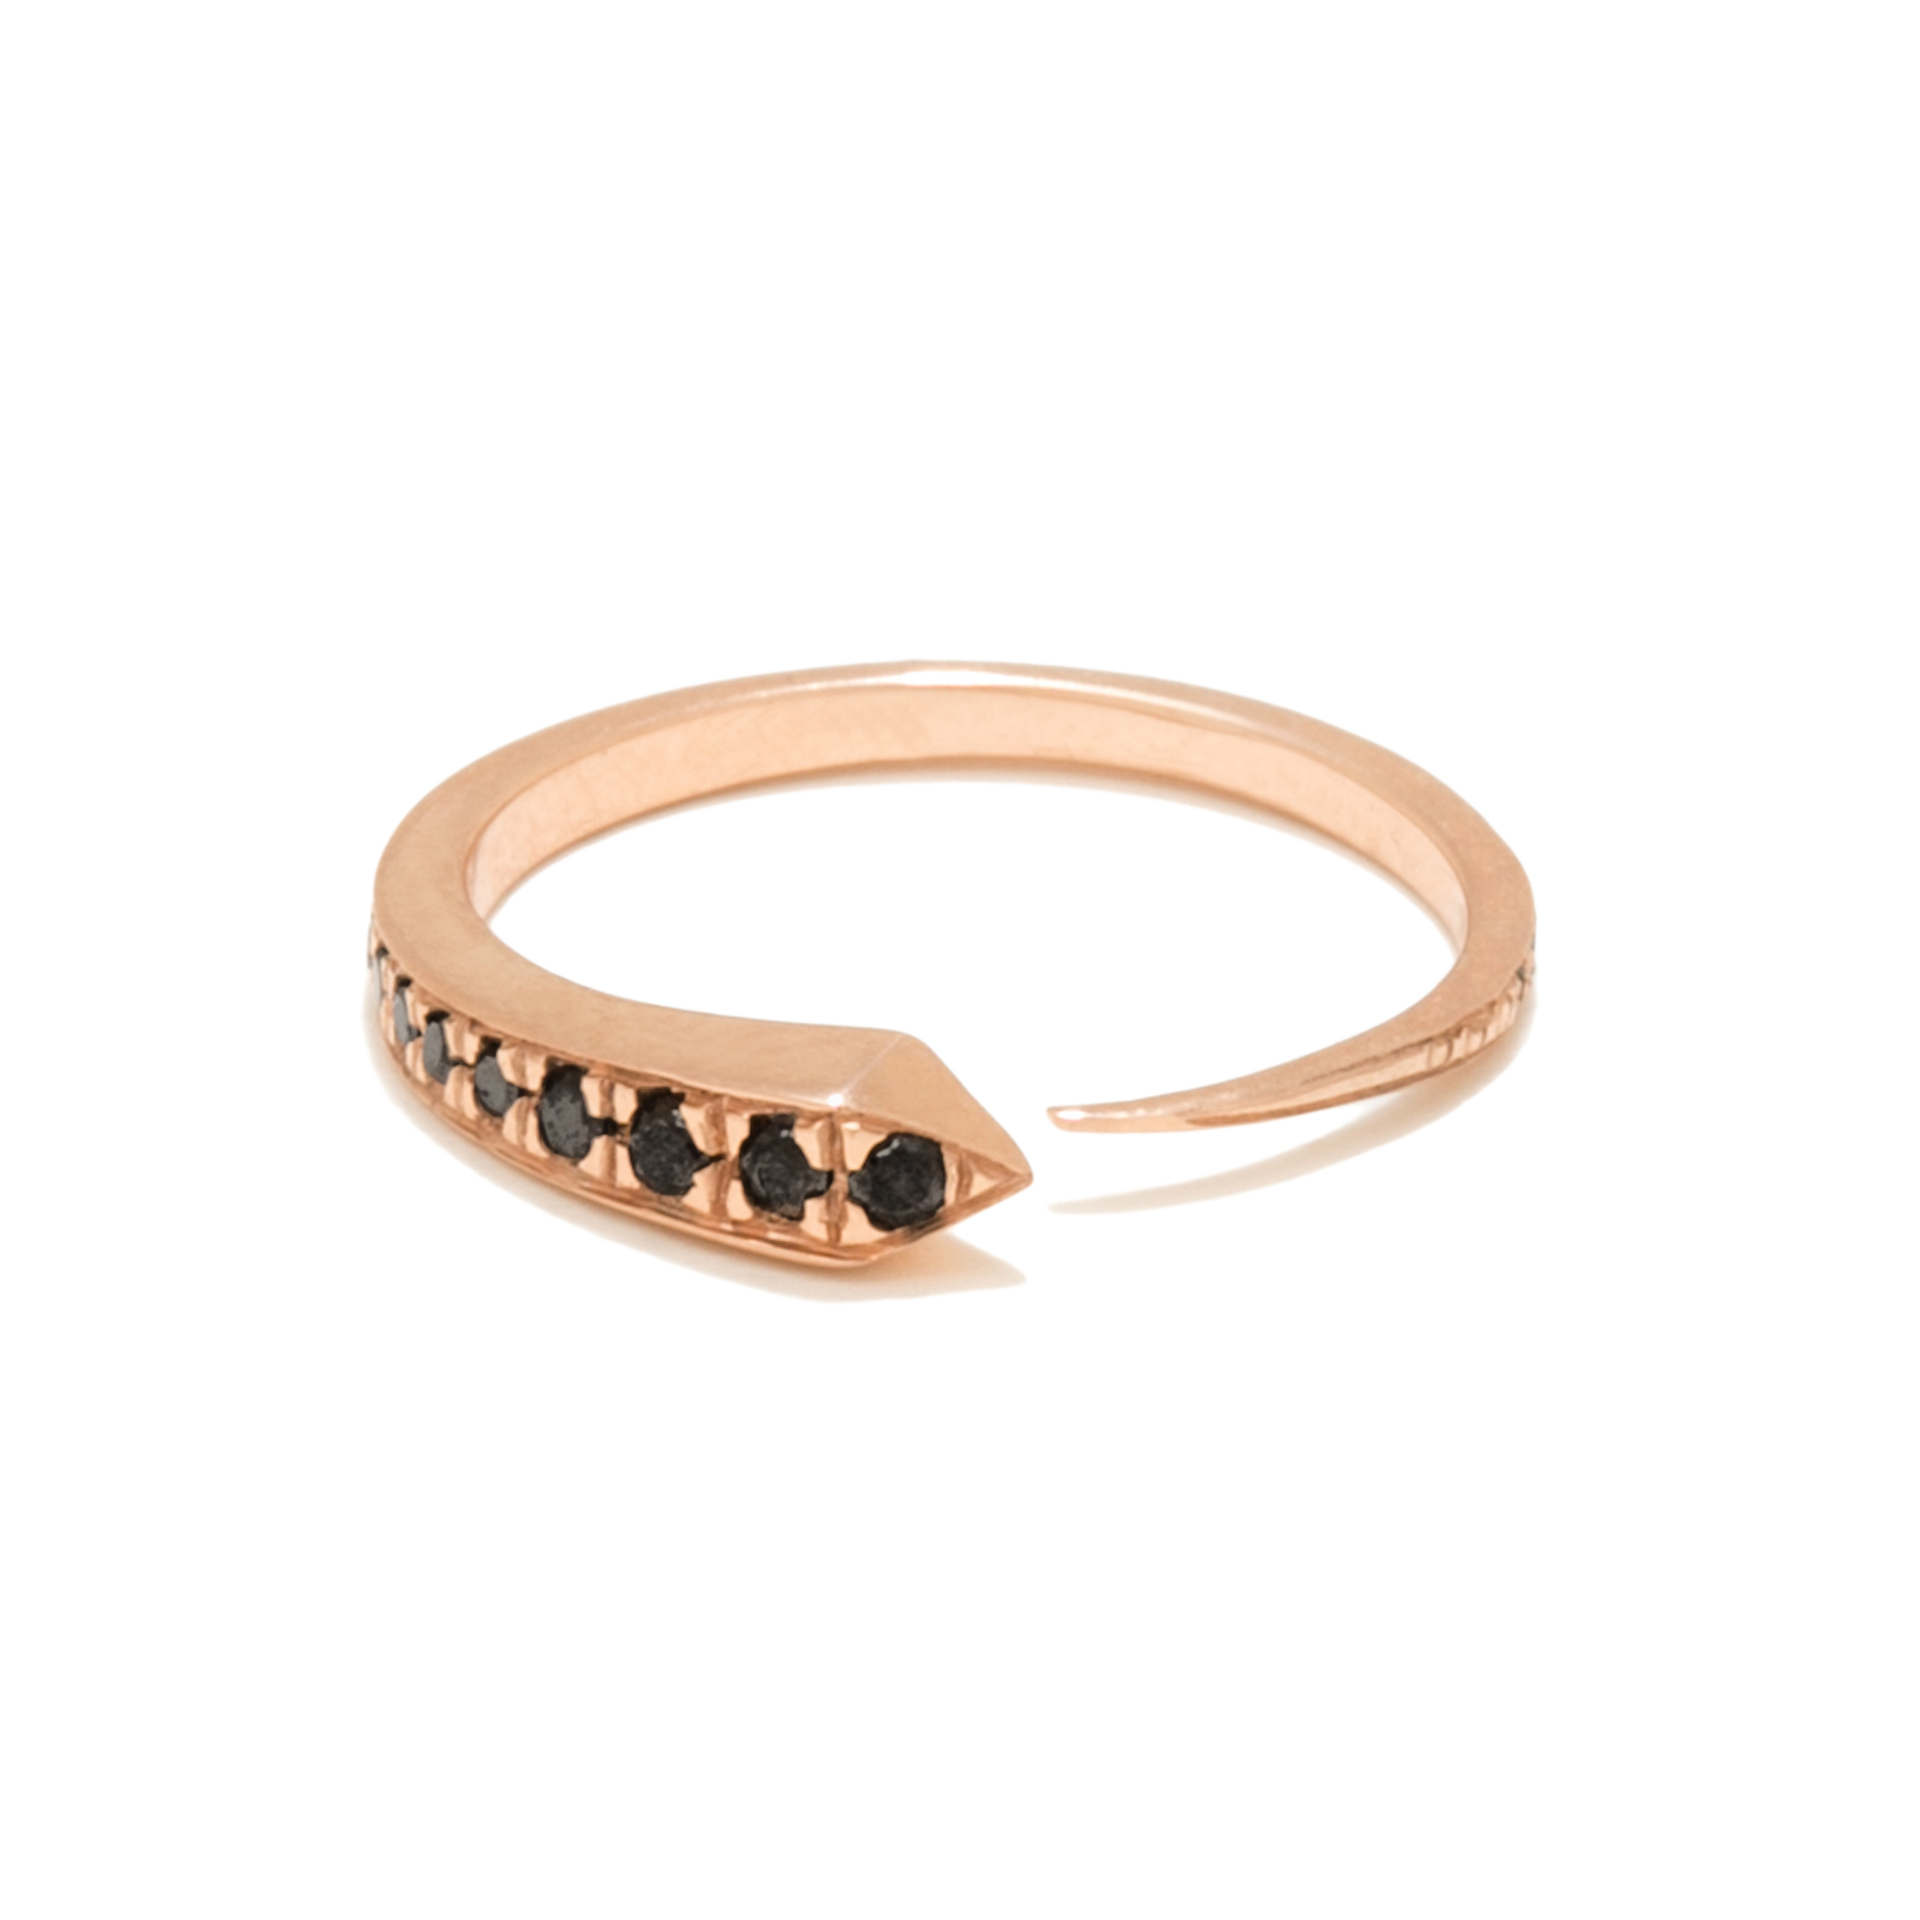 Comet_Ring_Rose_Gold_Black_DiamondsA.jpg